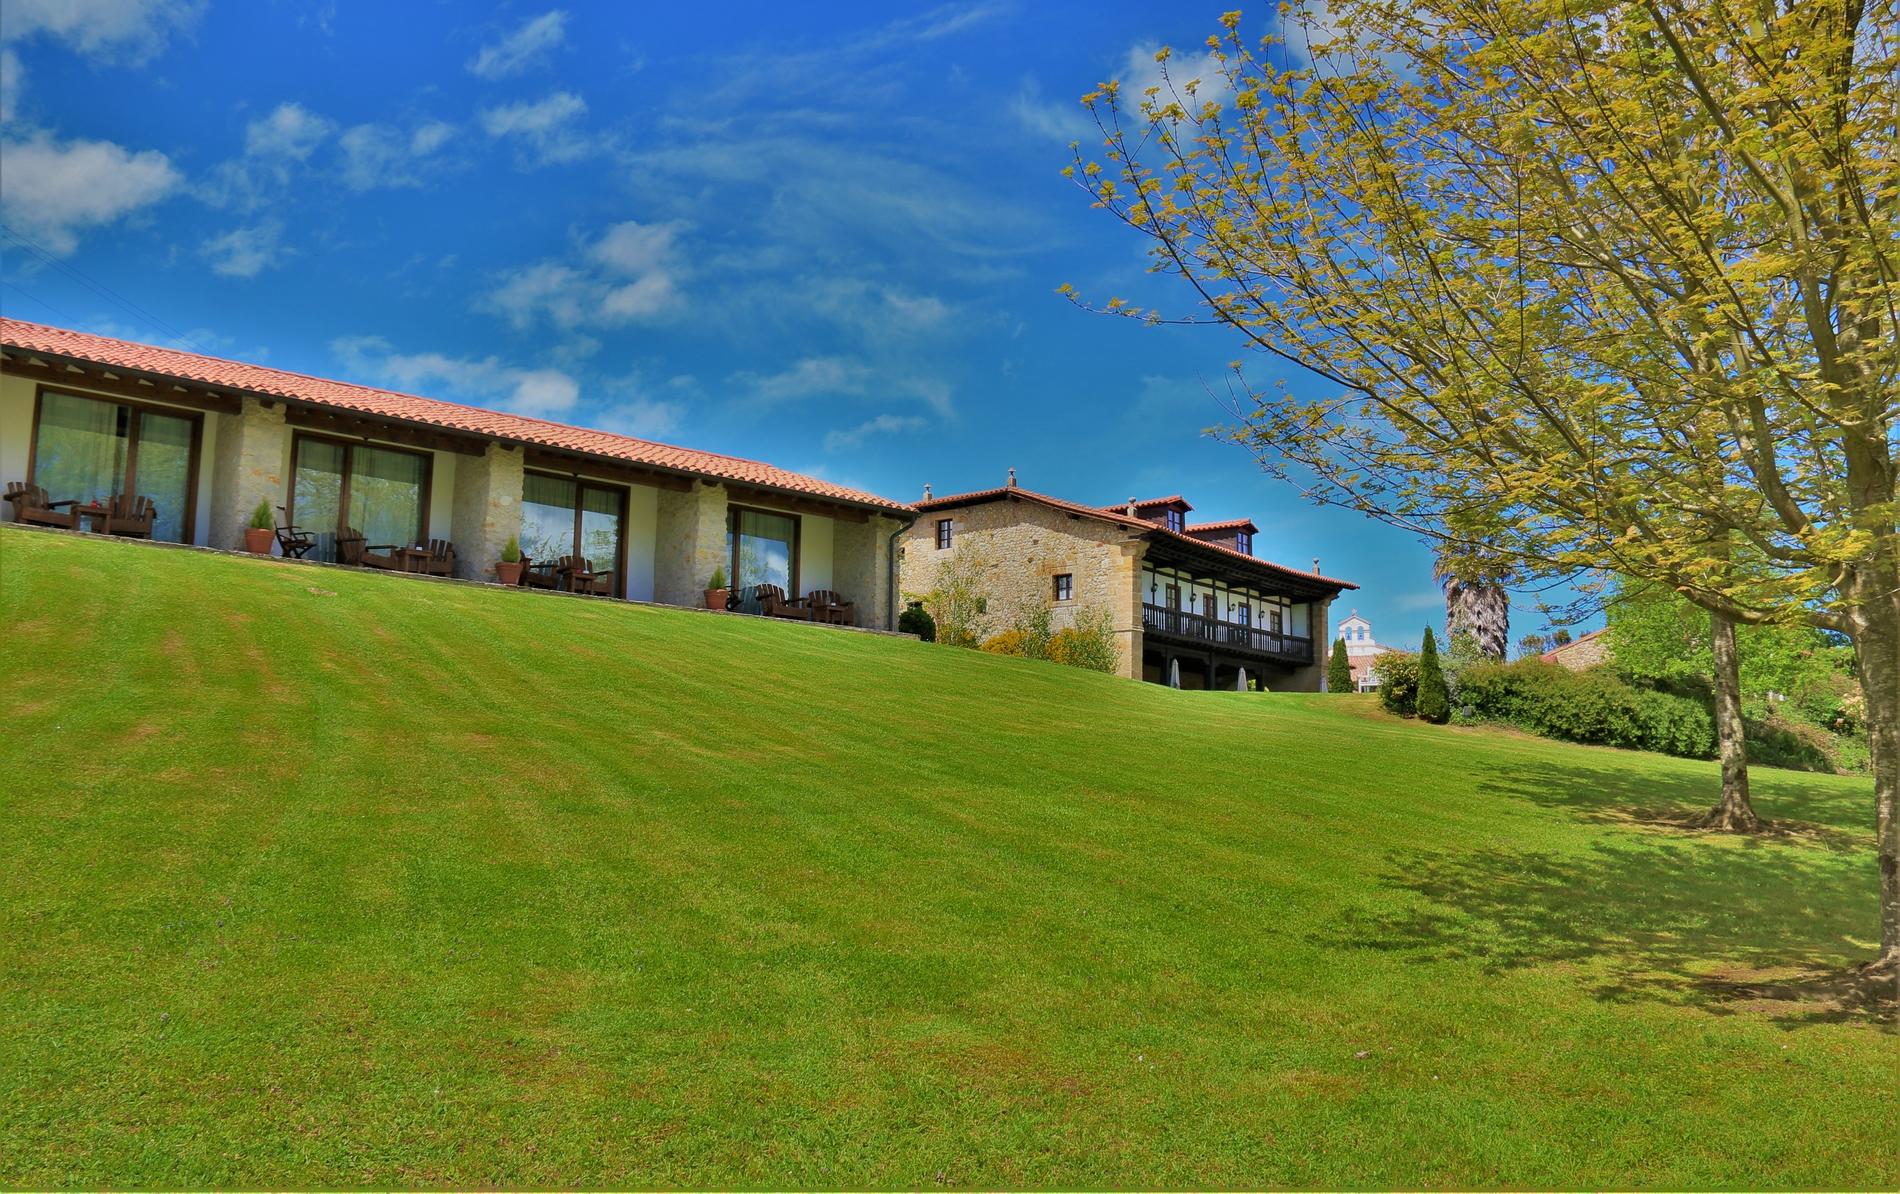 Hotel Palación de Toñanes - Paraje natural